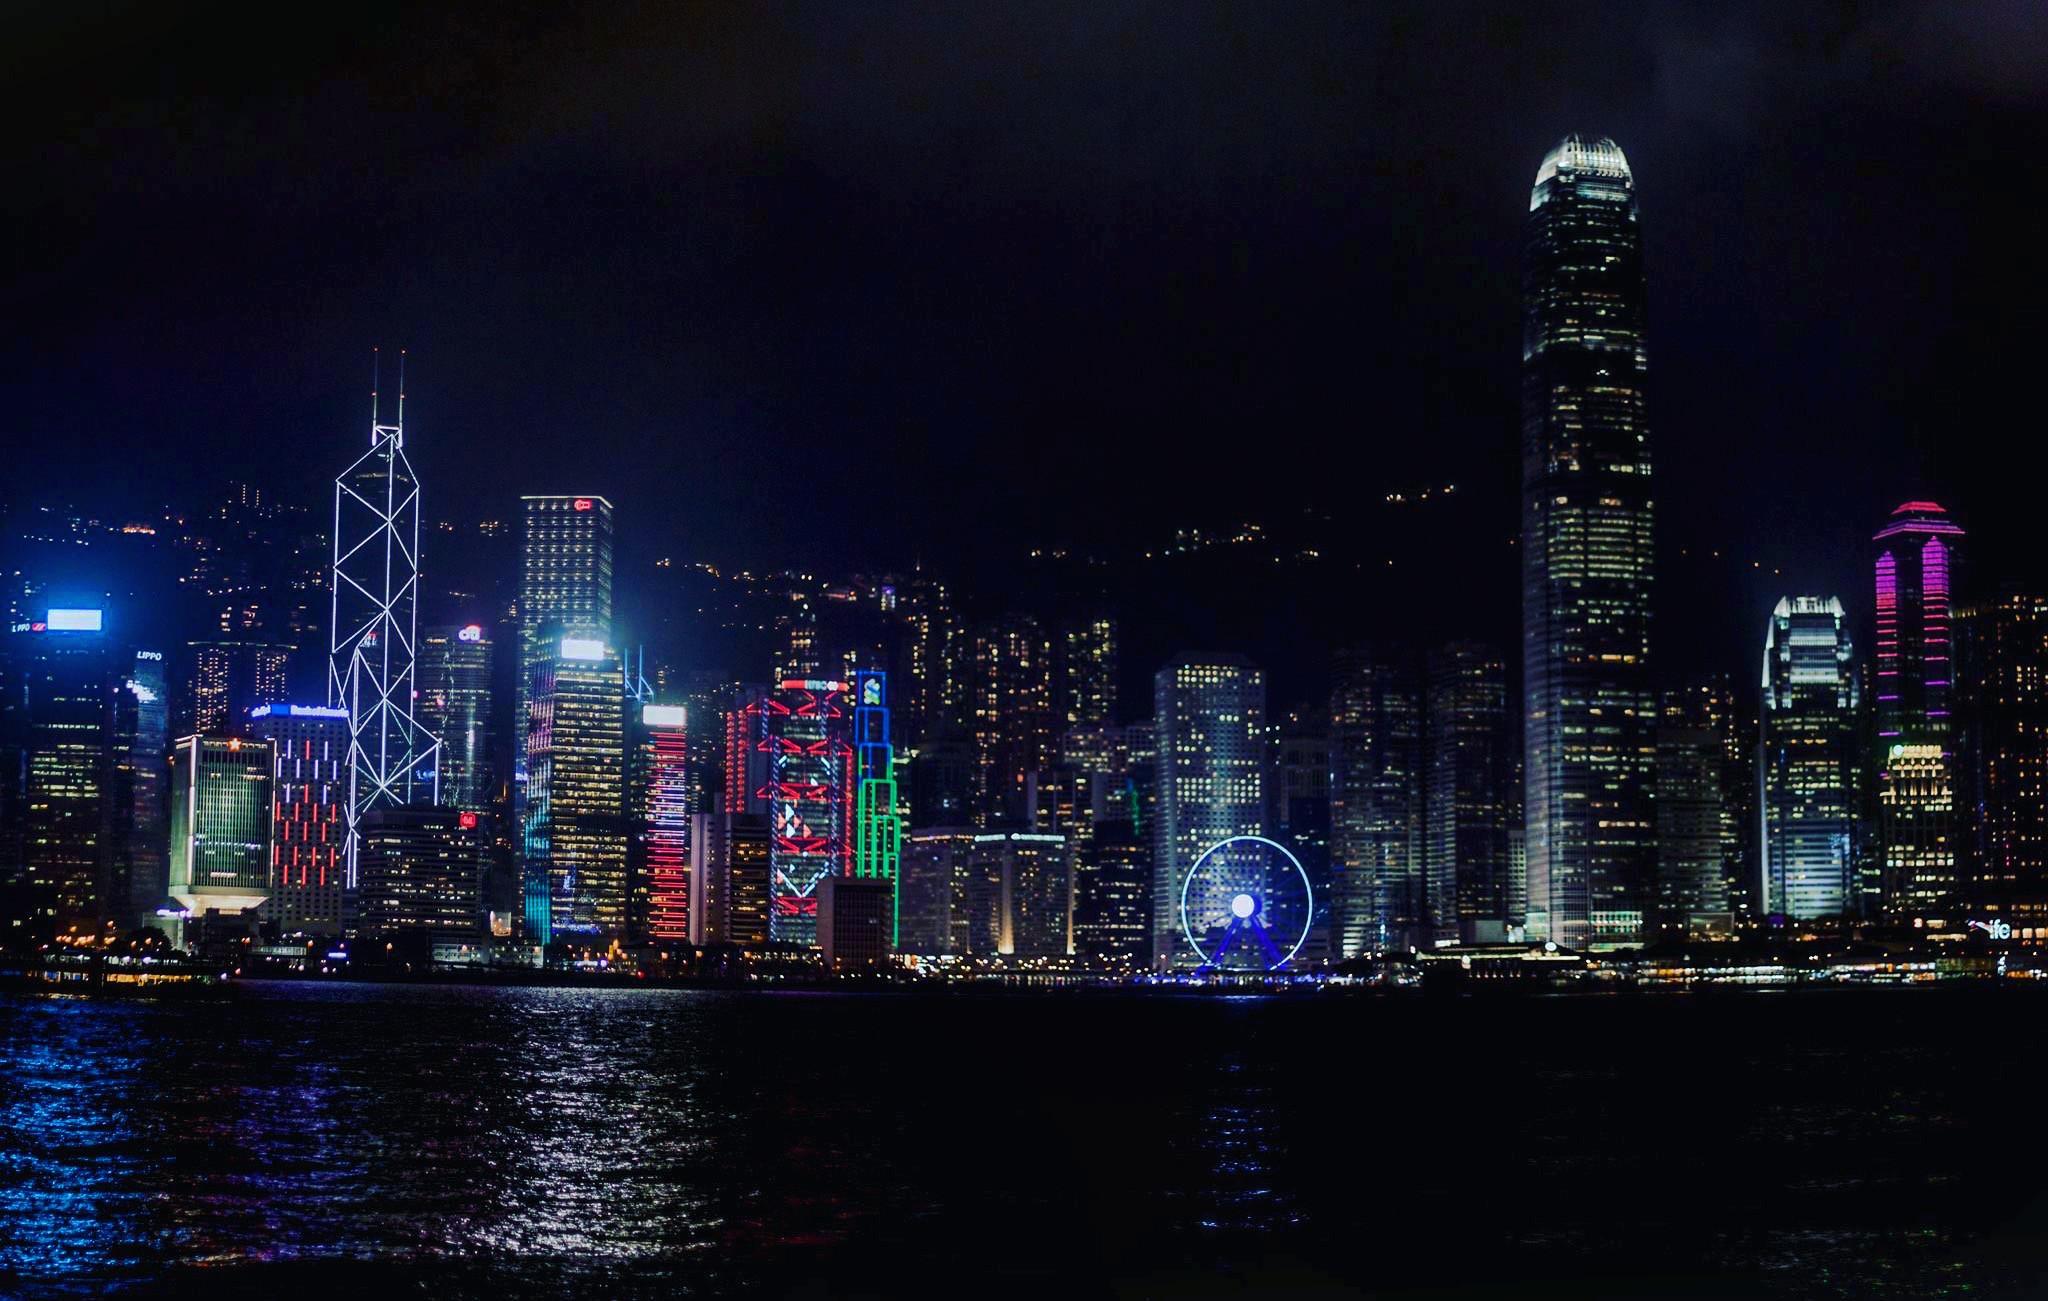 Ảnh vịnh Victoria - Bến cảng sầm uất nhất Hồng Kông